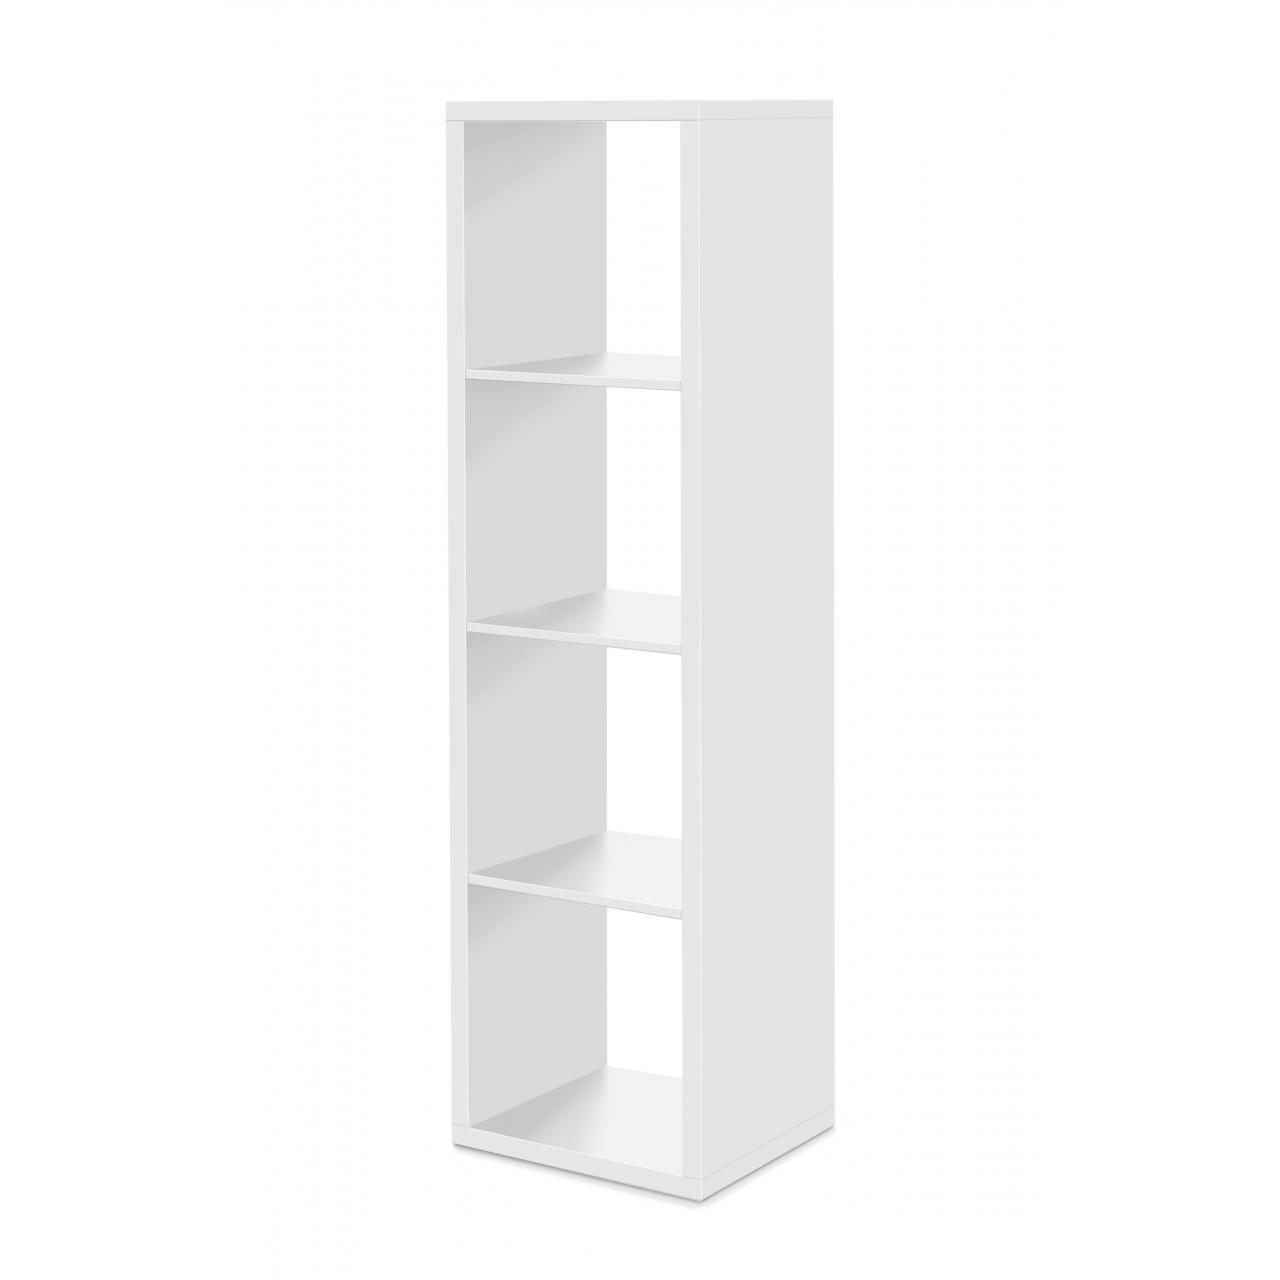 Regal Max 4er Raumteiler in weiß